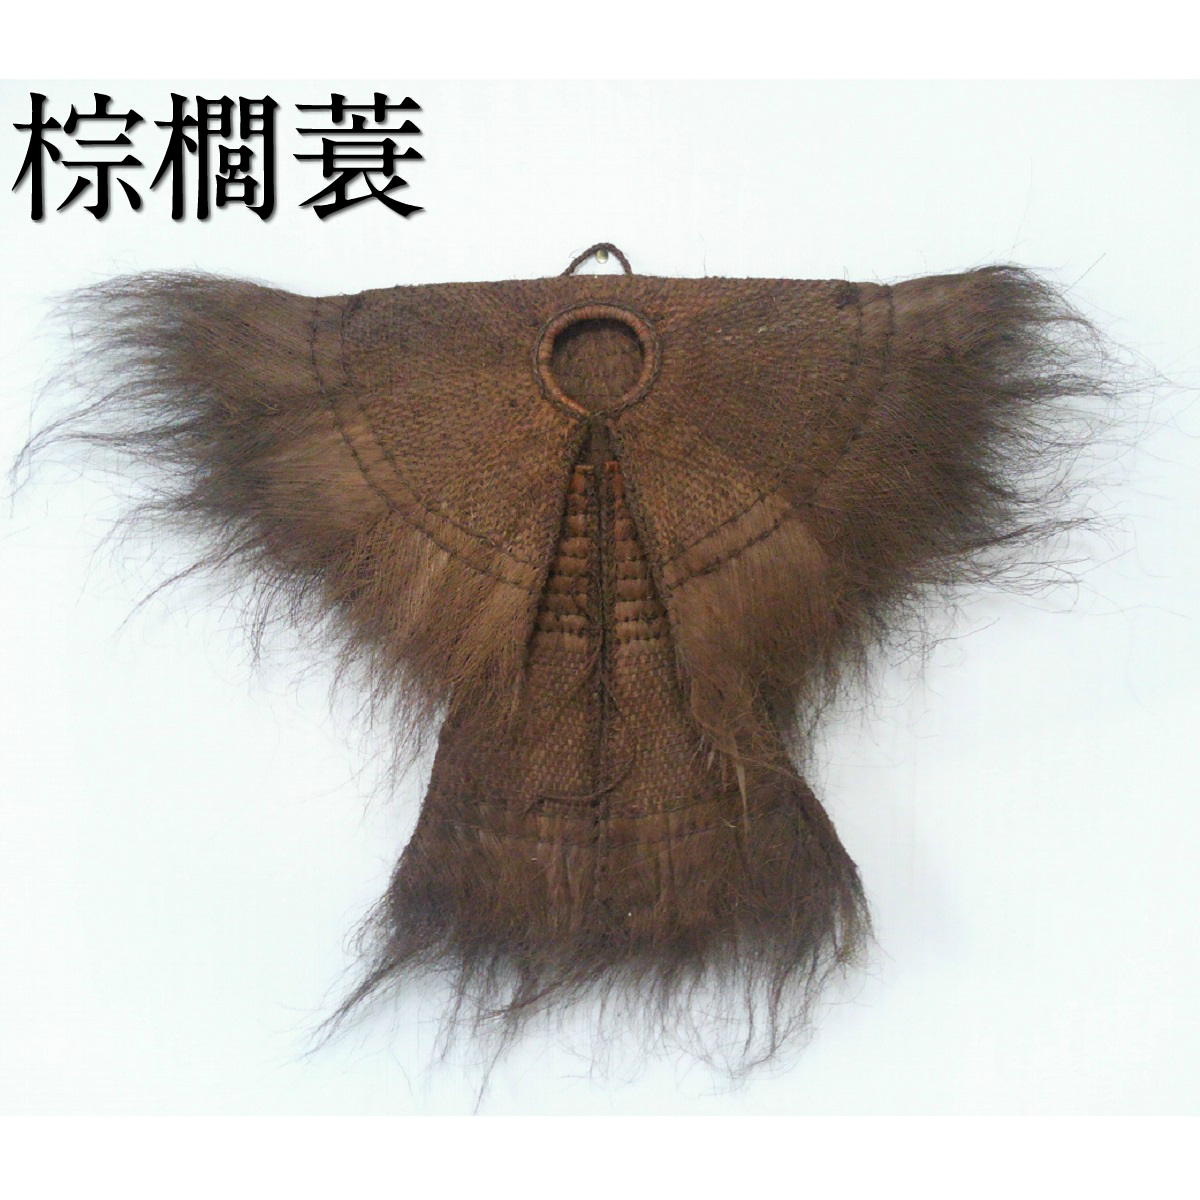 棕櫚蓑【 民芸品 インテリア 伝統工芸 蓑 合羽 かっぱ 雨具 】